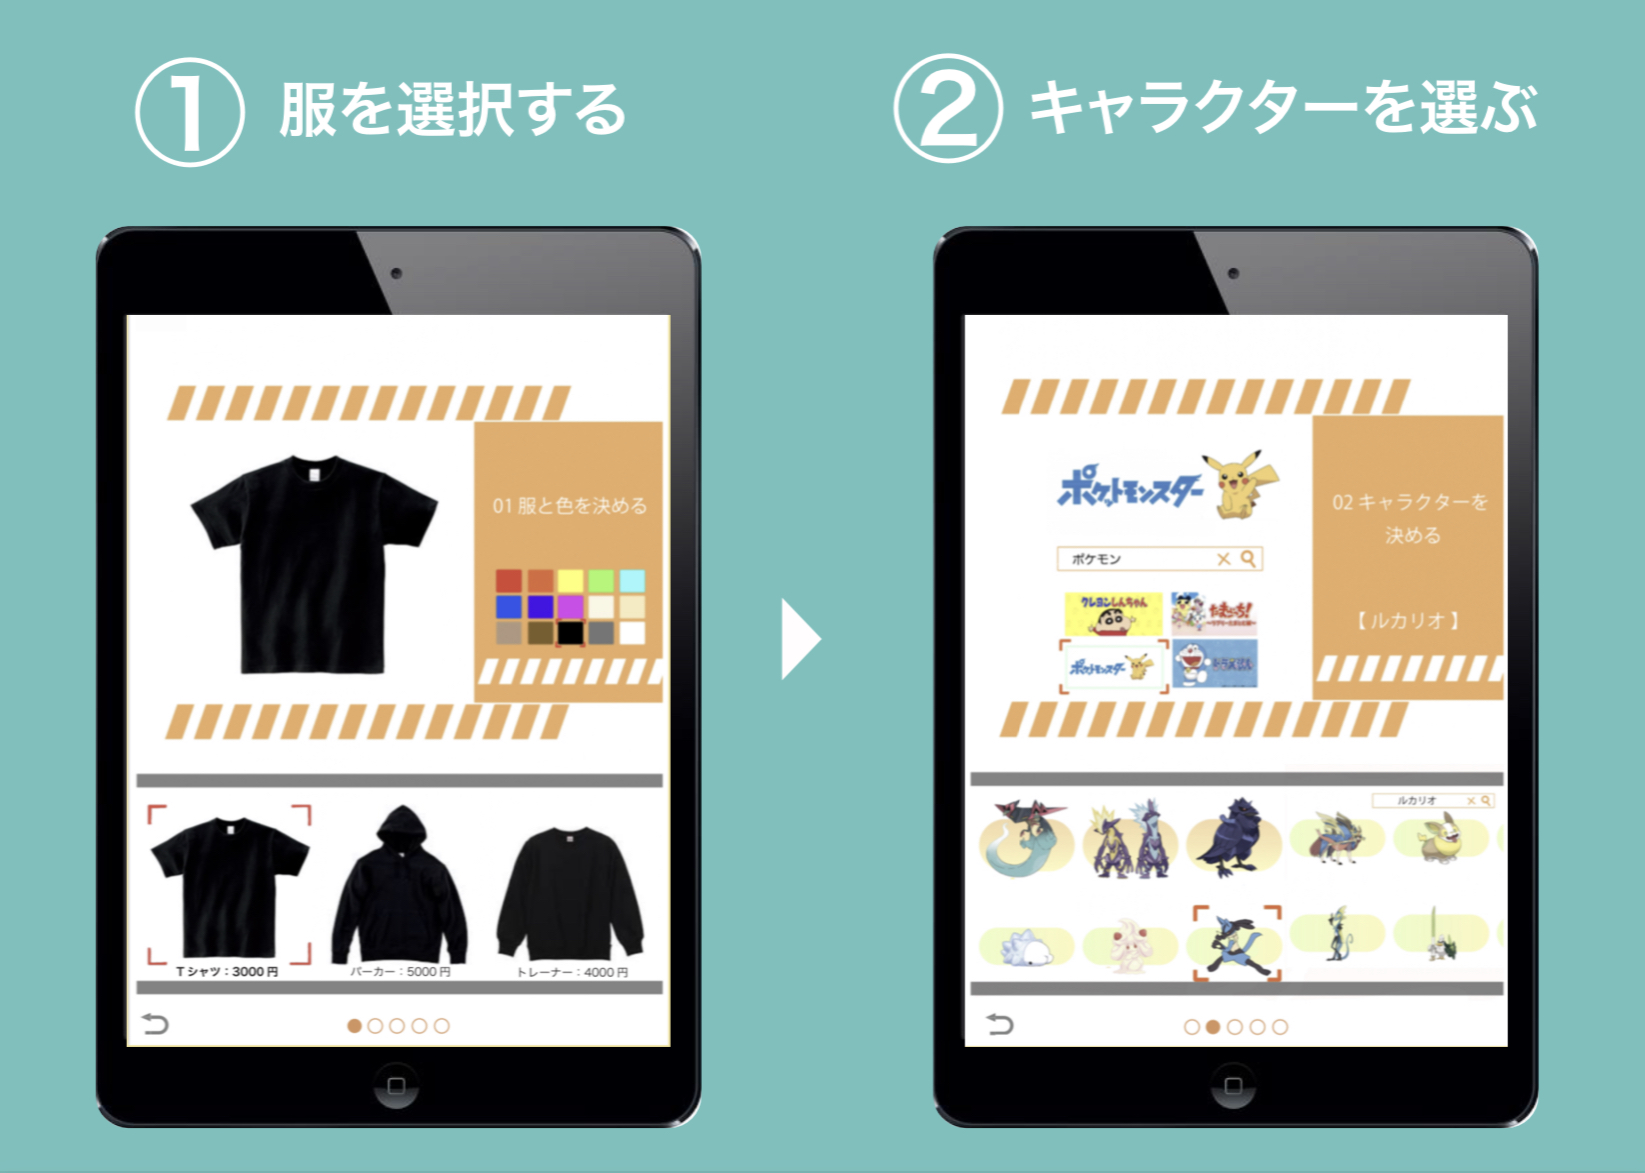 最初にベースとなる服とキャラクターを選択します。キャラクターはアニメ名からも検索可能。